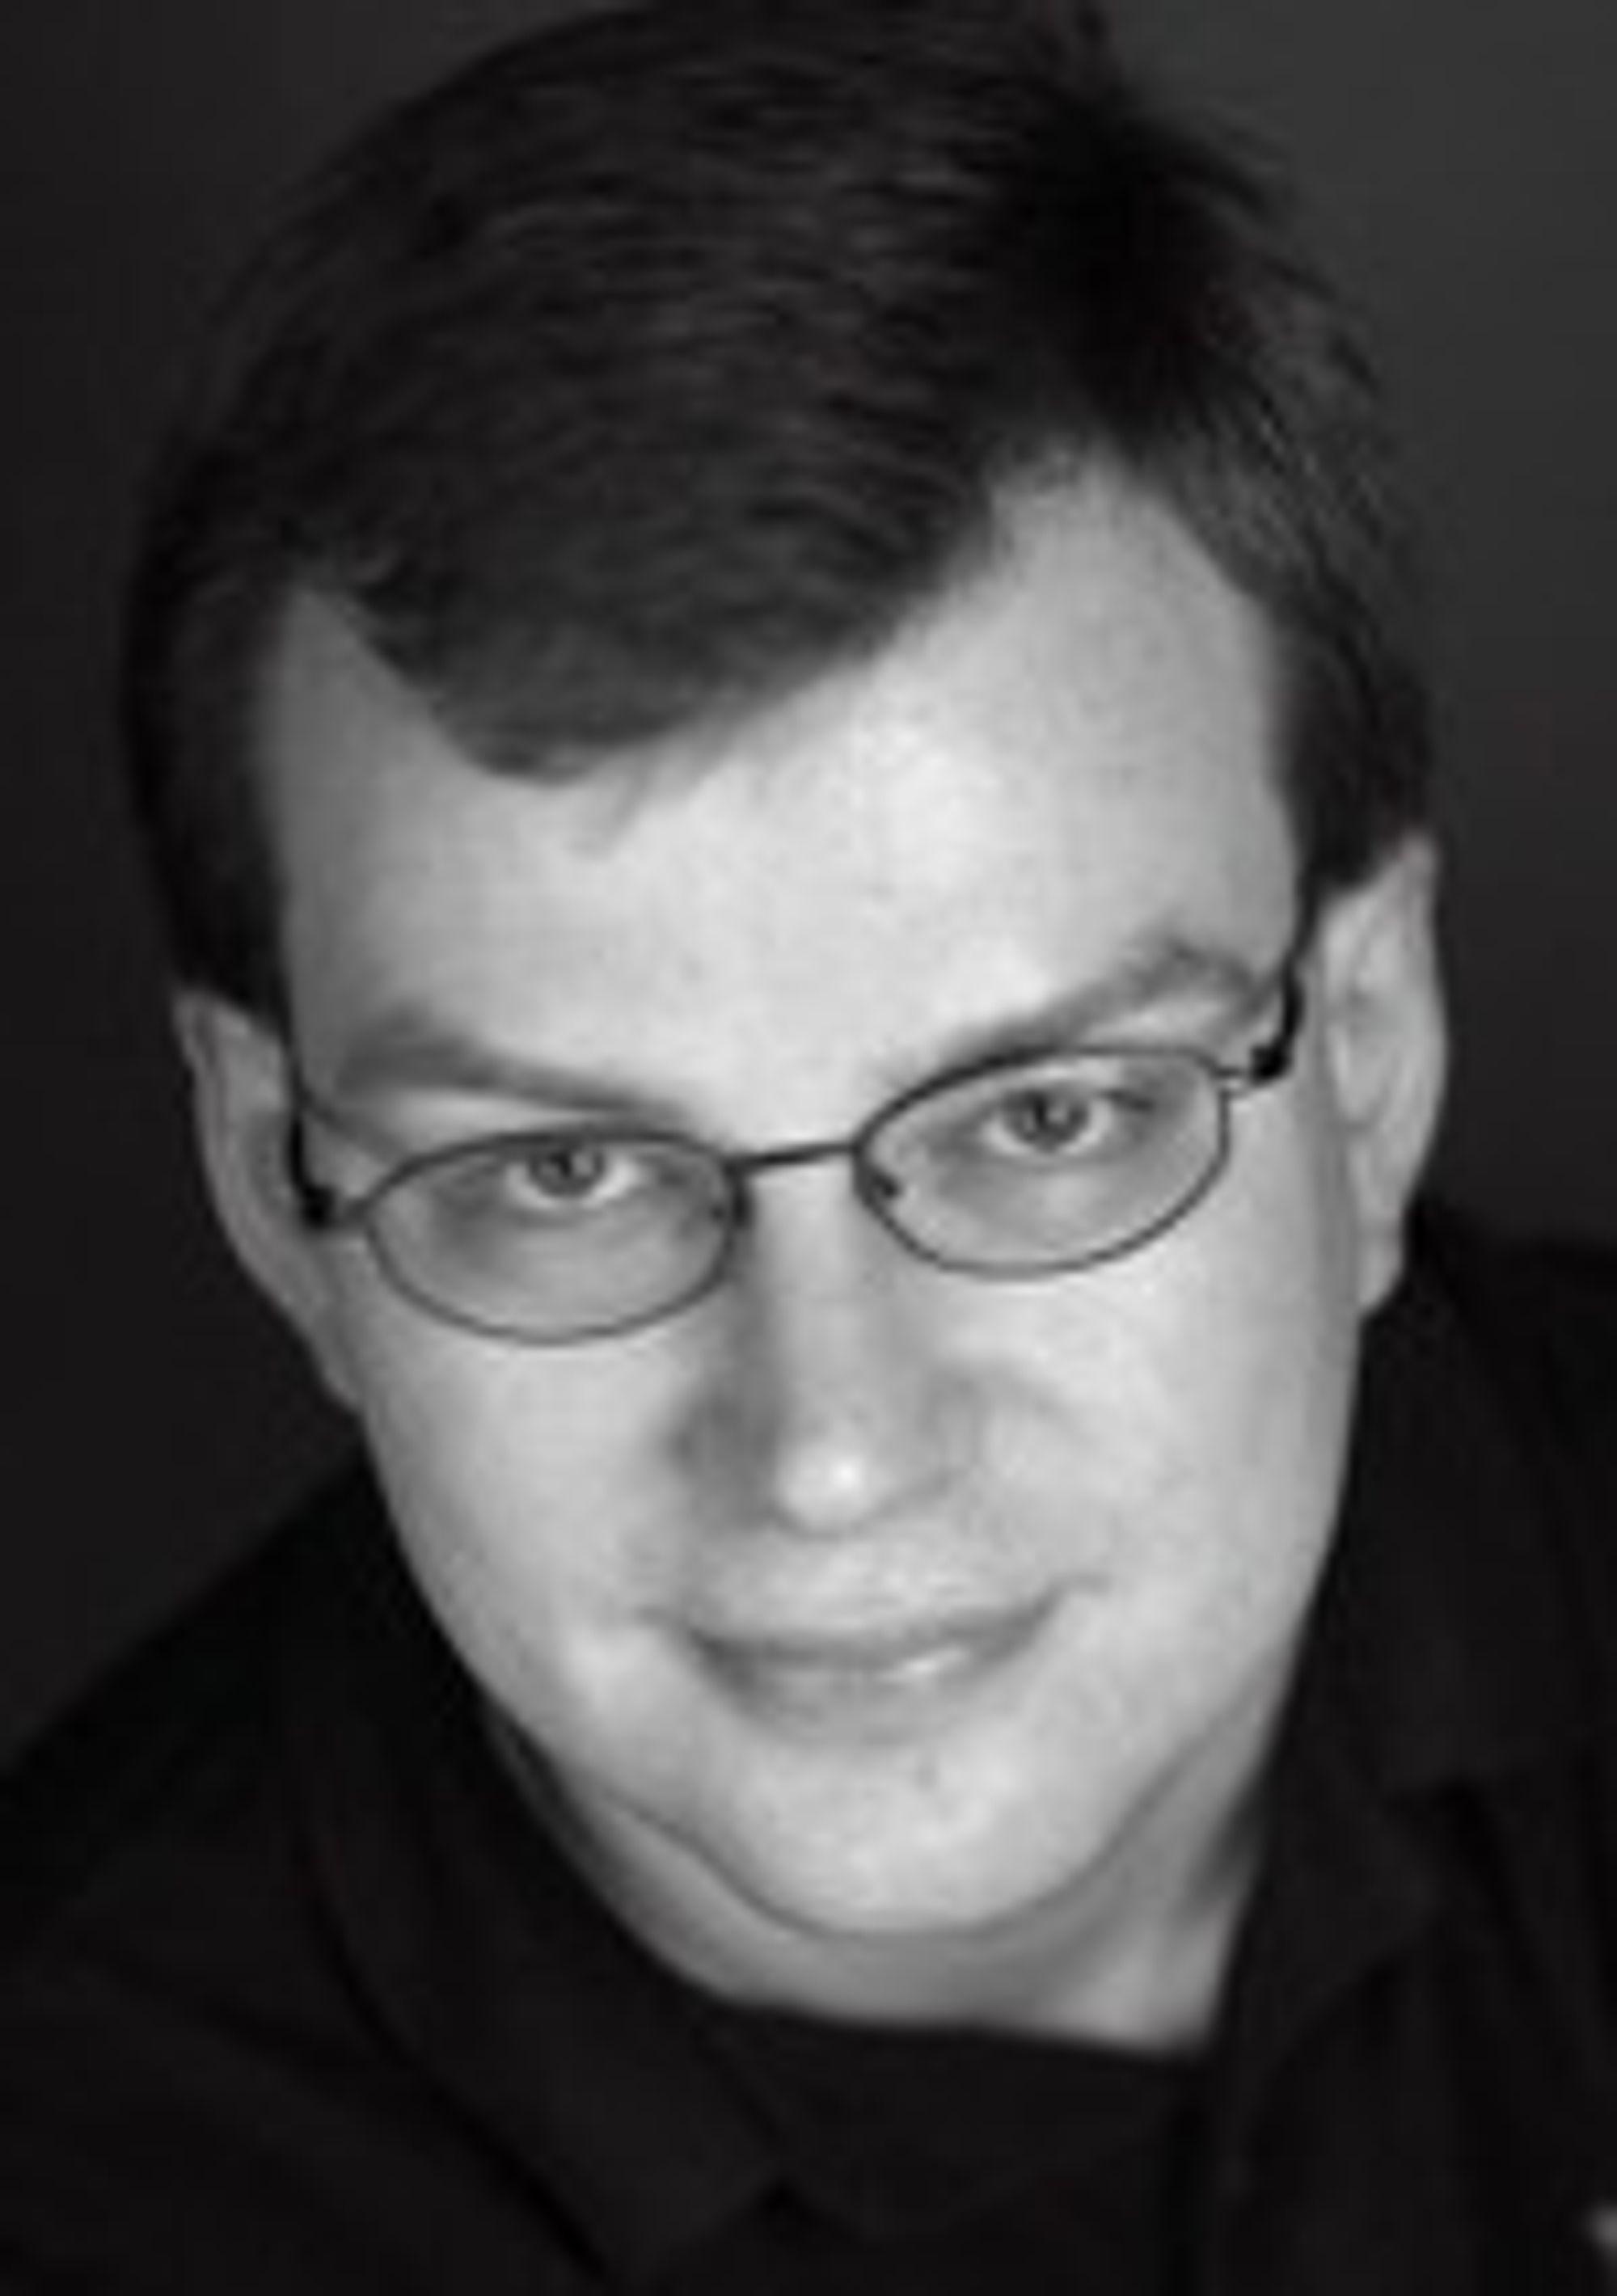 Senior utvikler Rolf Michelsen i Microsoft leder Fast-gruppen som skal jobbe med søkemotoren Bing. (Foto: privat)